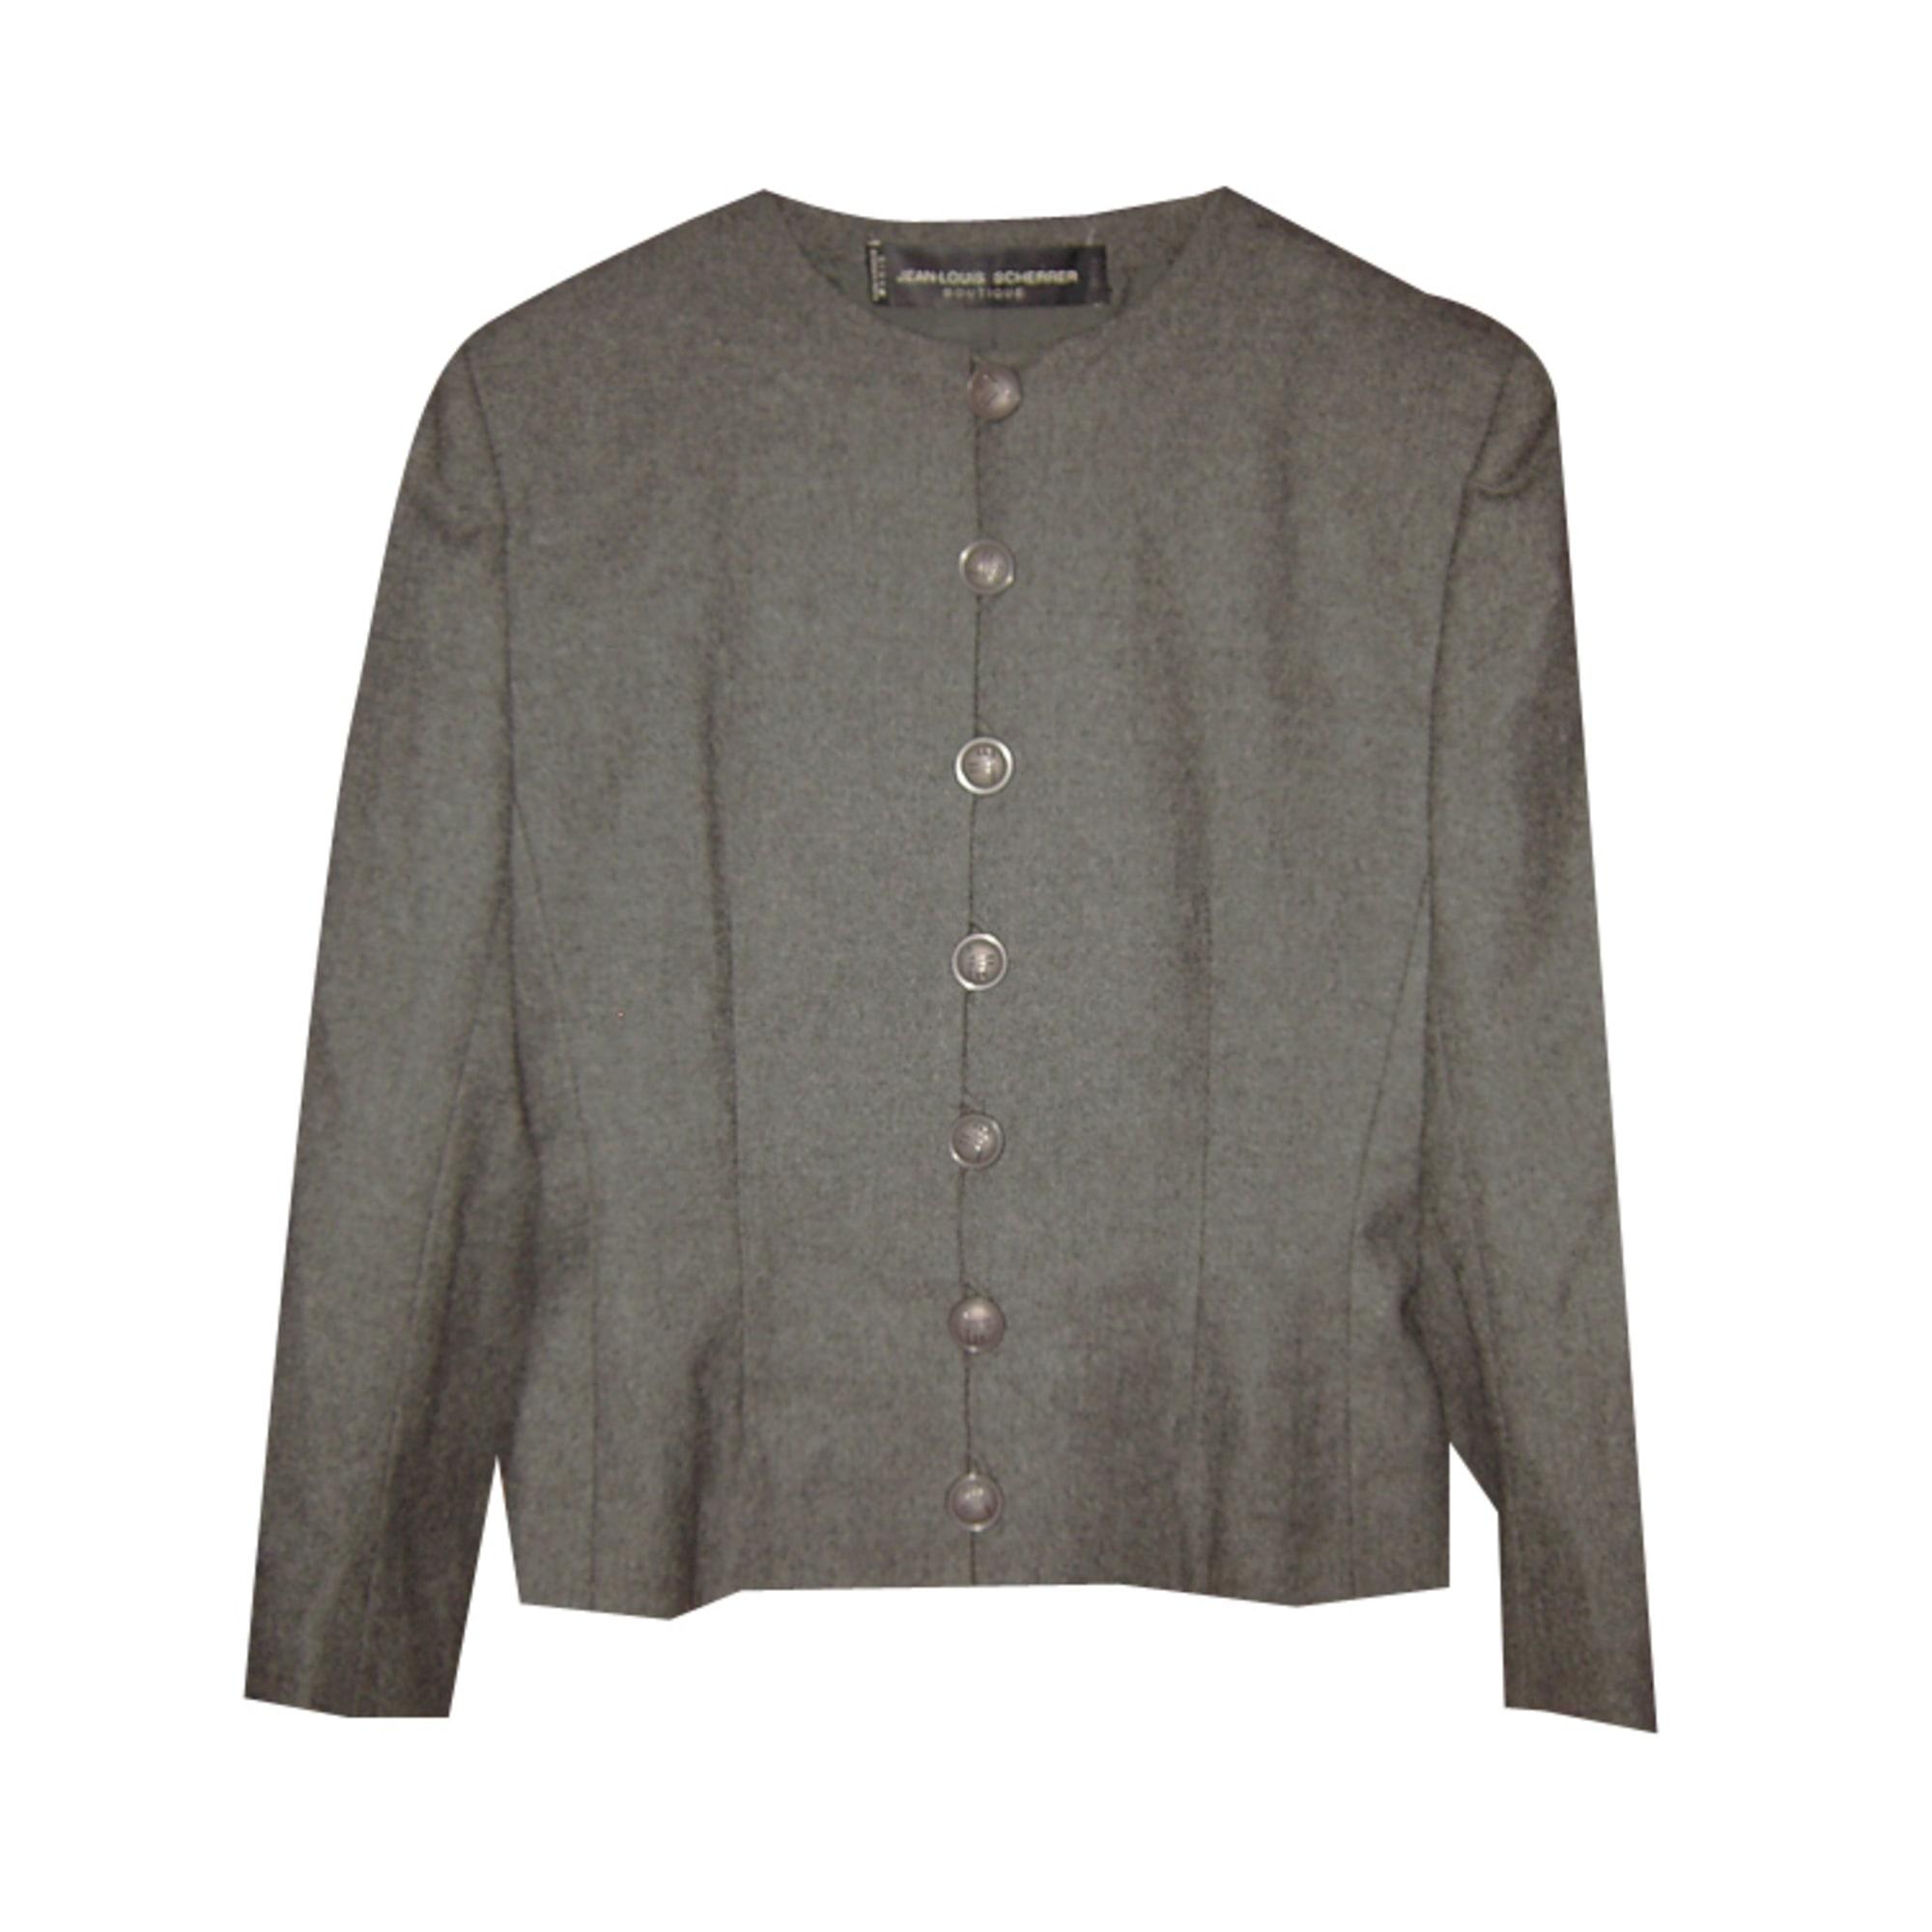 Blazer, veste tailleur JEAN-LOUIS SCHERRER Gris, anthracite